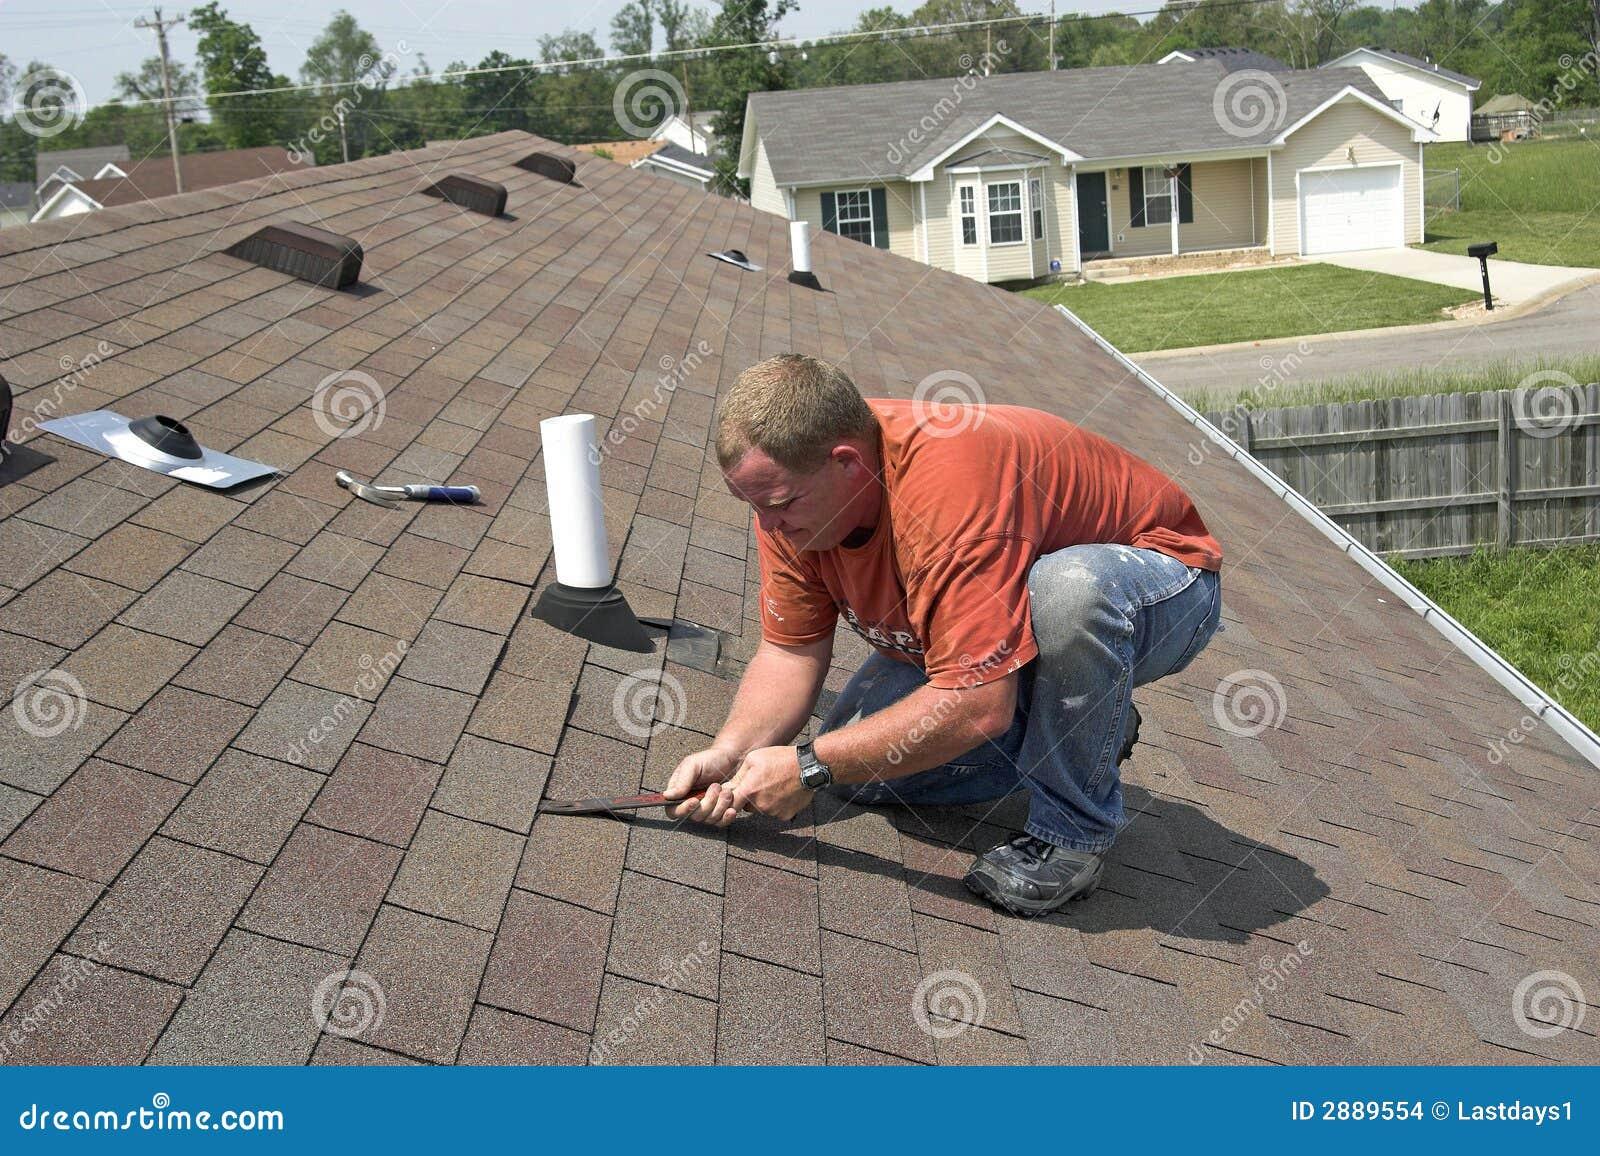 Contractant die dak herstelt